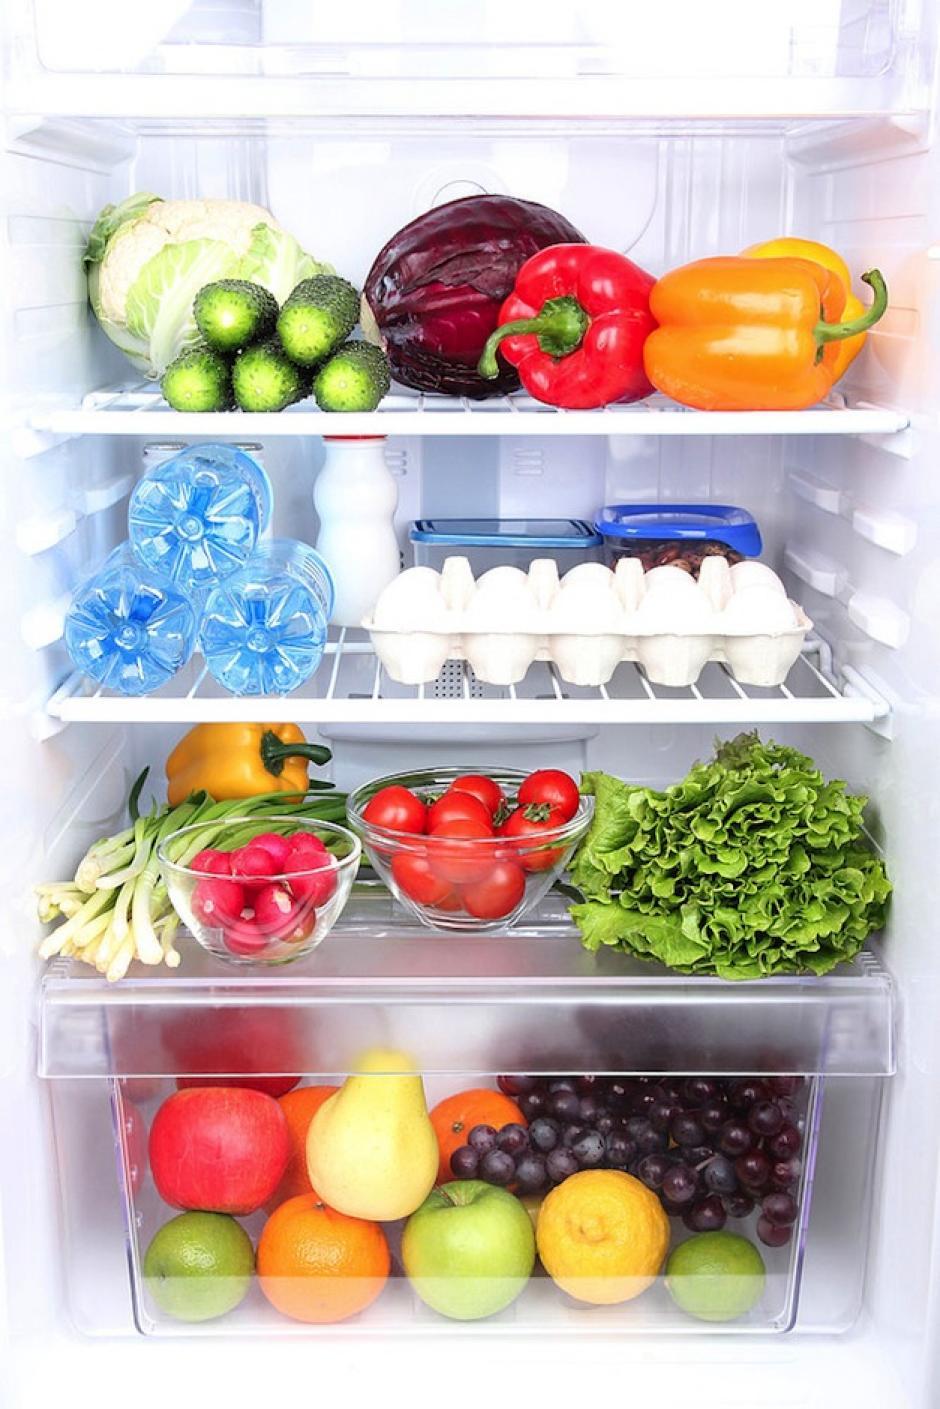 Debes ser cuidadoso con los alimentos. (Foto: shapeme.com.au)